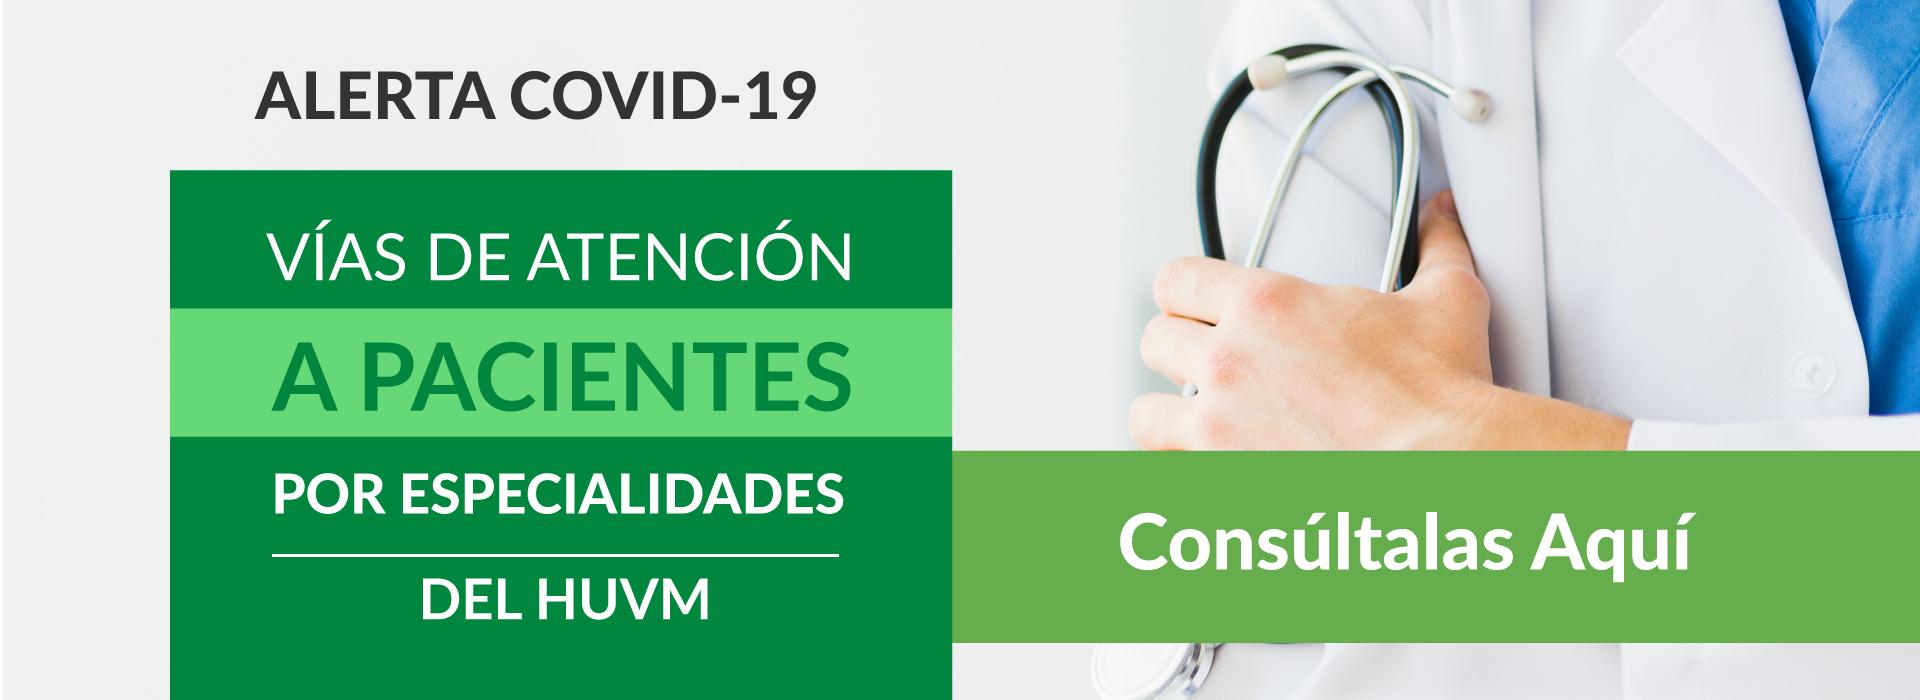 Vías de Atención al Paciente por Especialidades - Alerta Sanitaria COVID-19